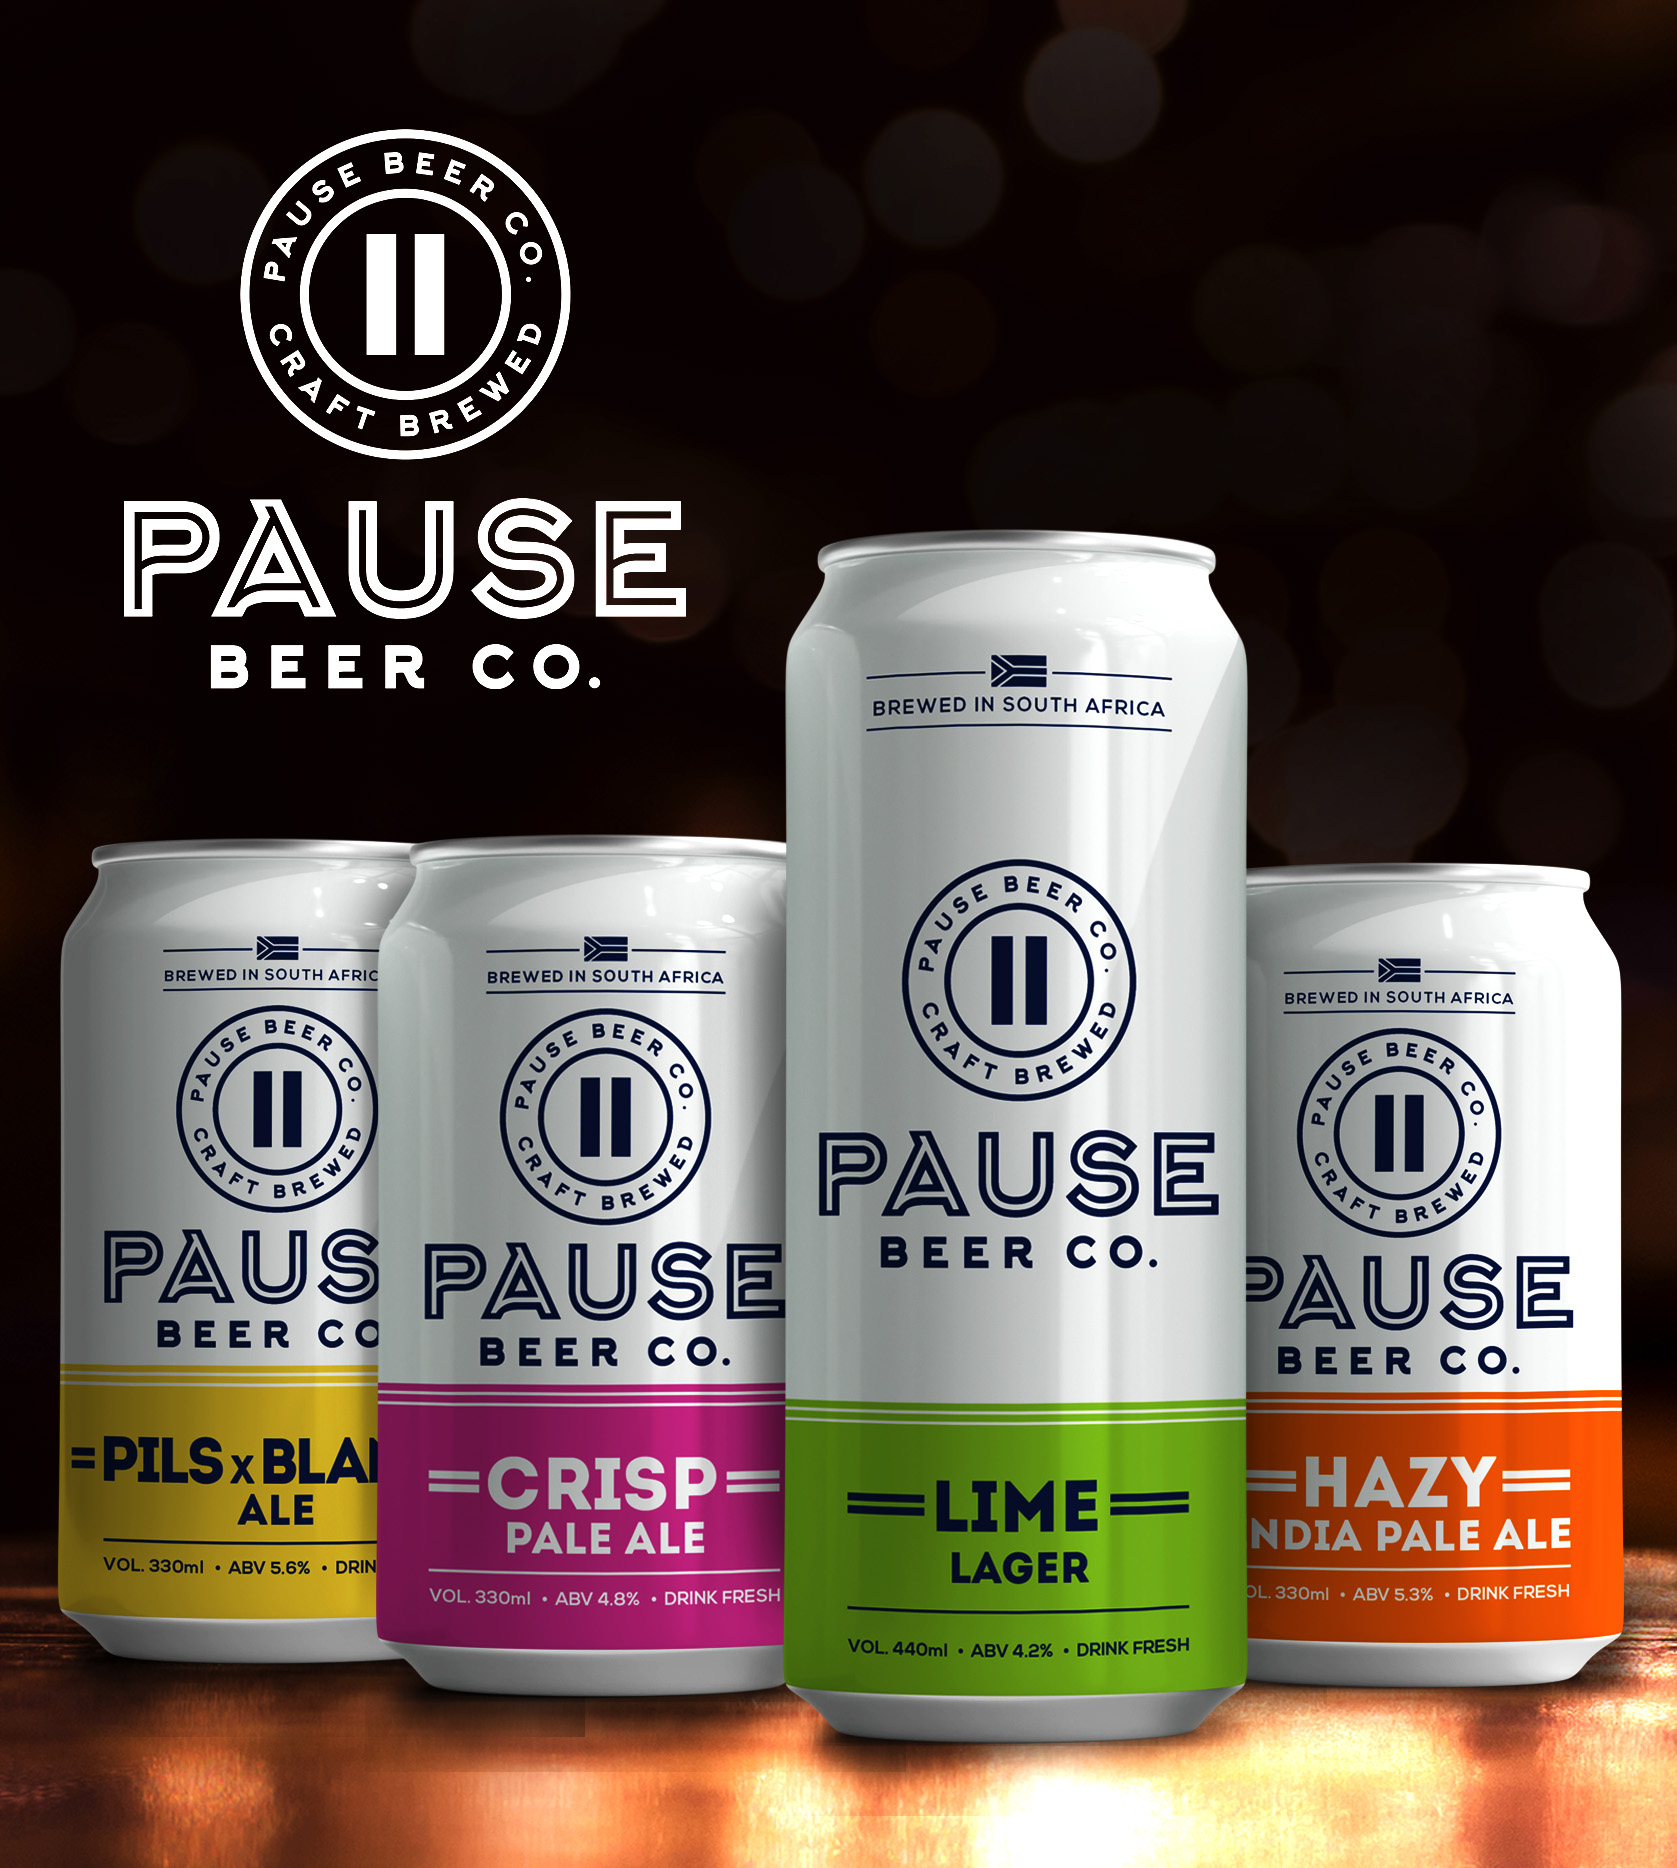 pause-beer-co-craft-beer-label-design-agent-orange-design.jpg